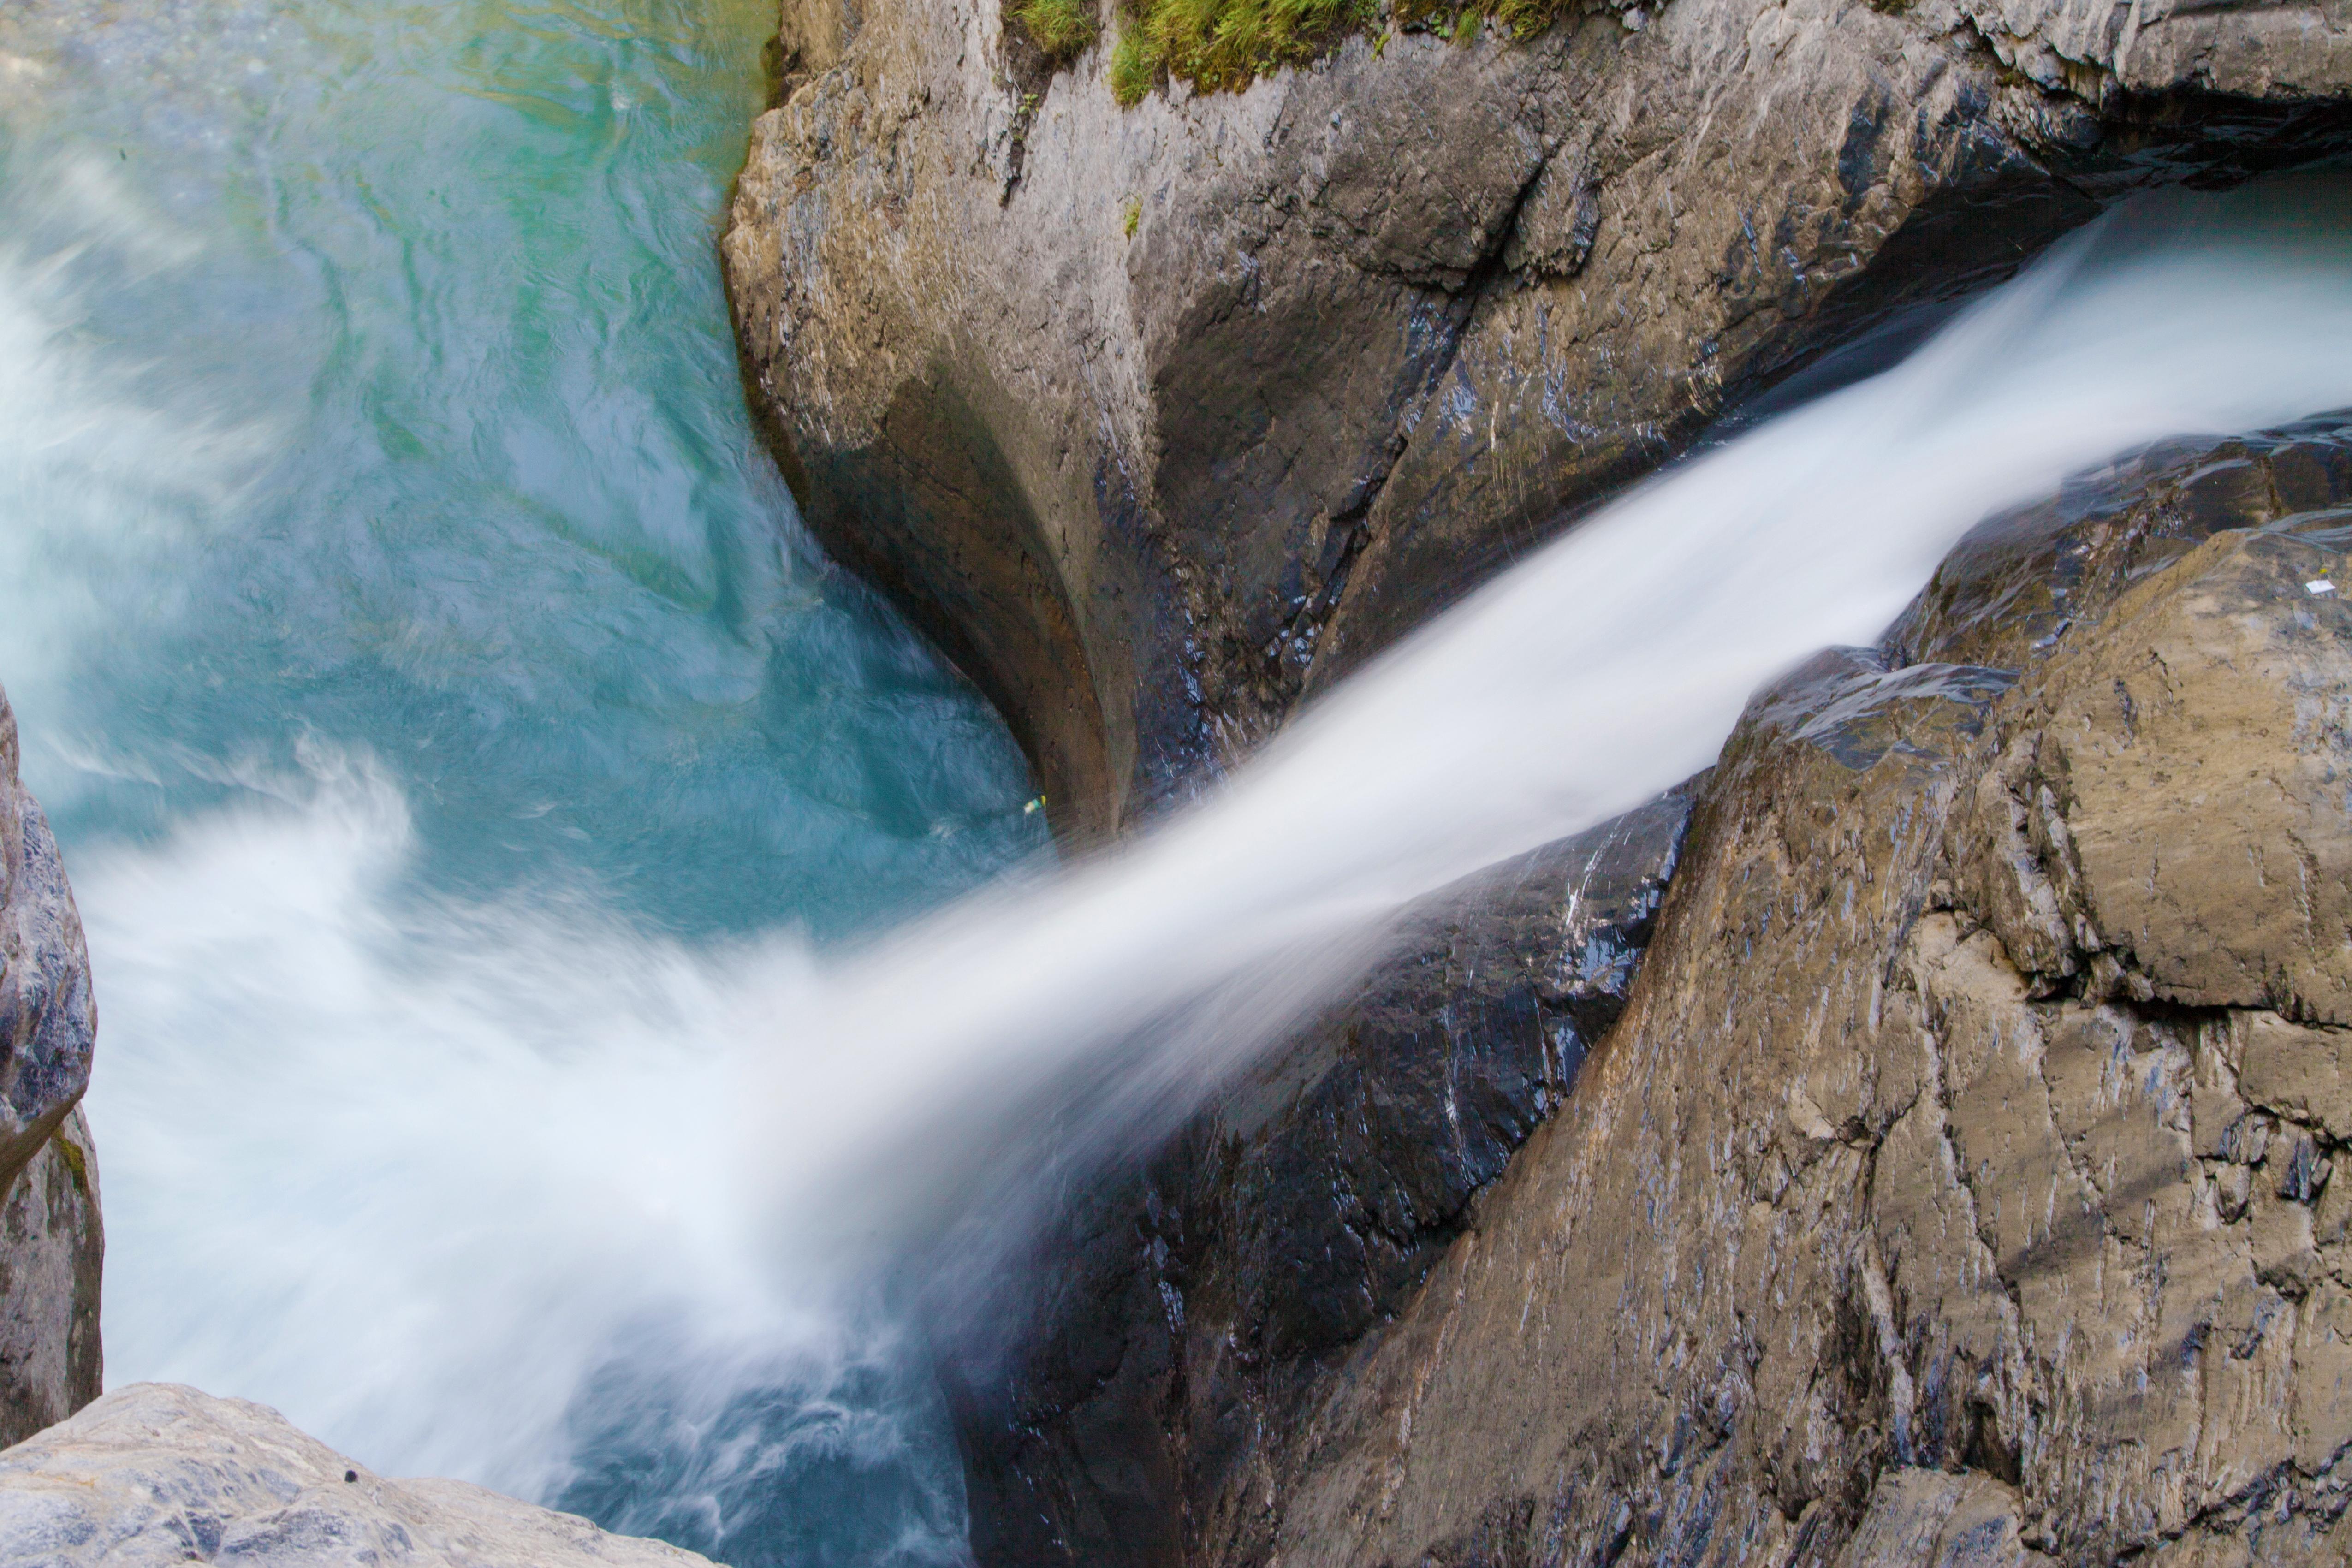 Cataratas de Trümmelbach, el rugido de la montaña - Suiza Escapada Escapada a Suiza y Selva Negra